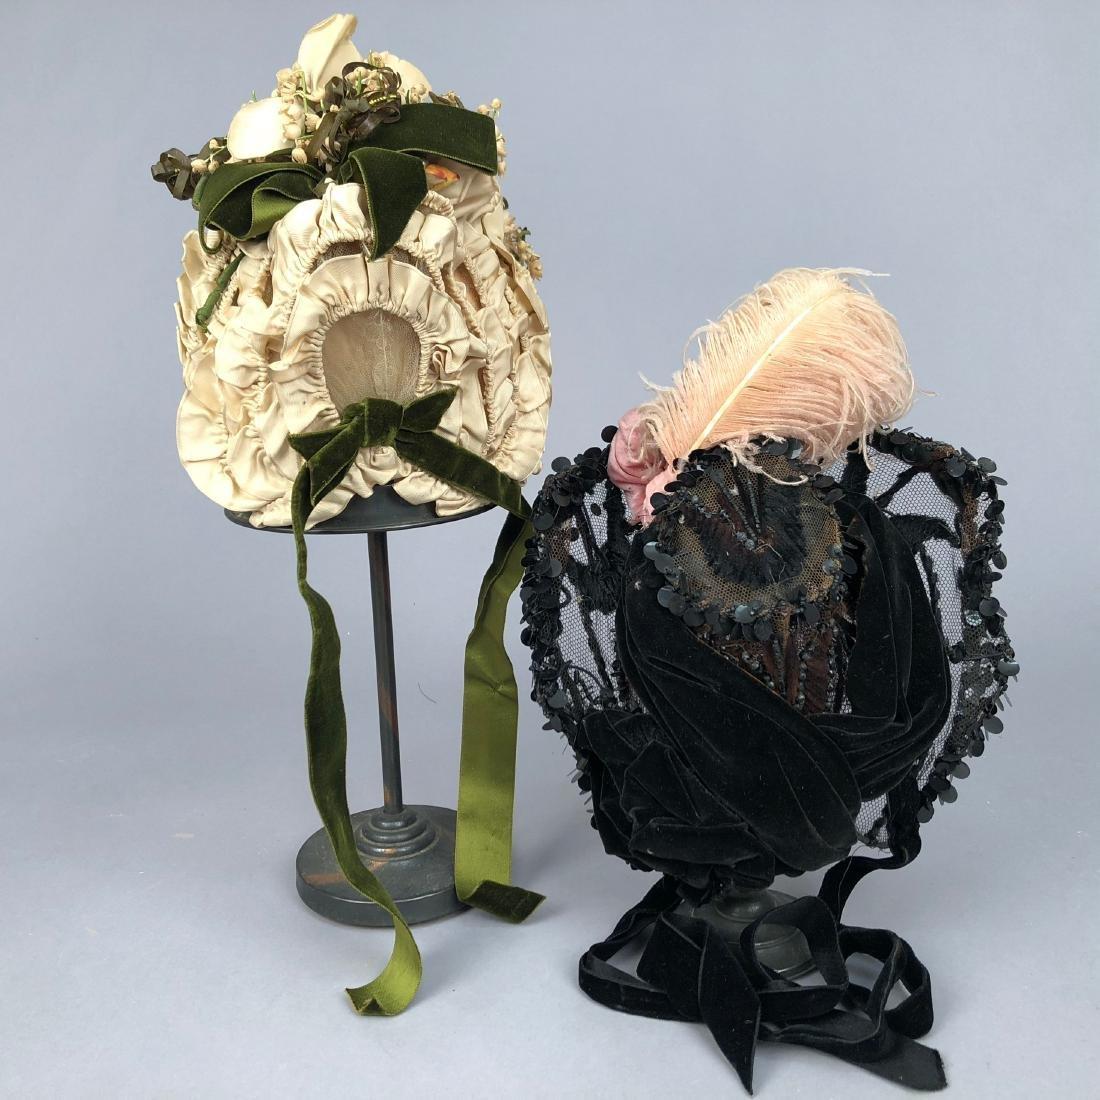 TWO WIRED BONNETS worn by JULIA BUTTERFIELD, 1890